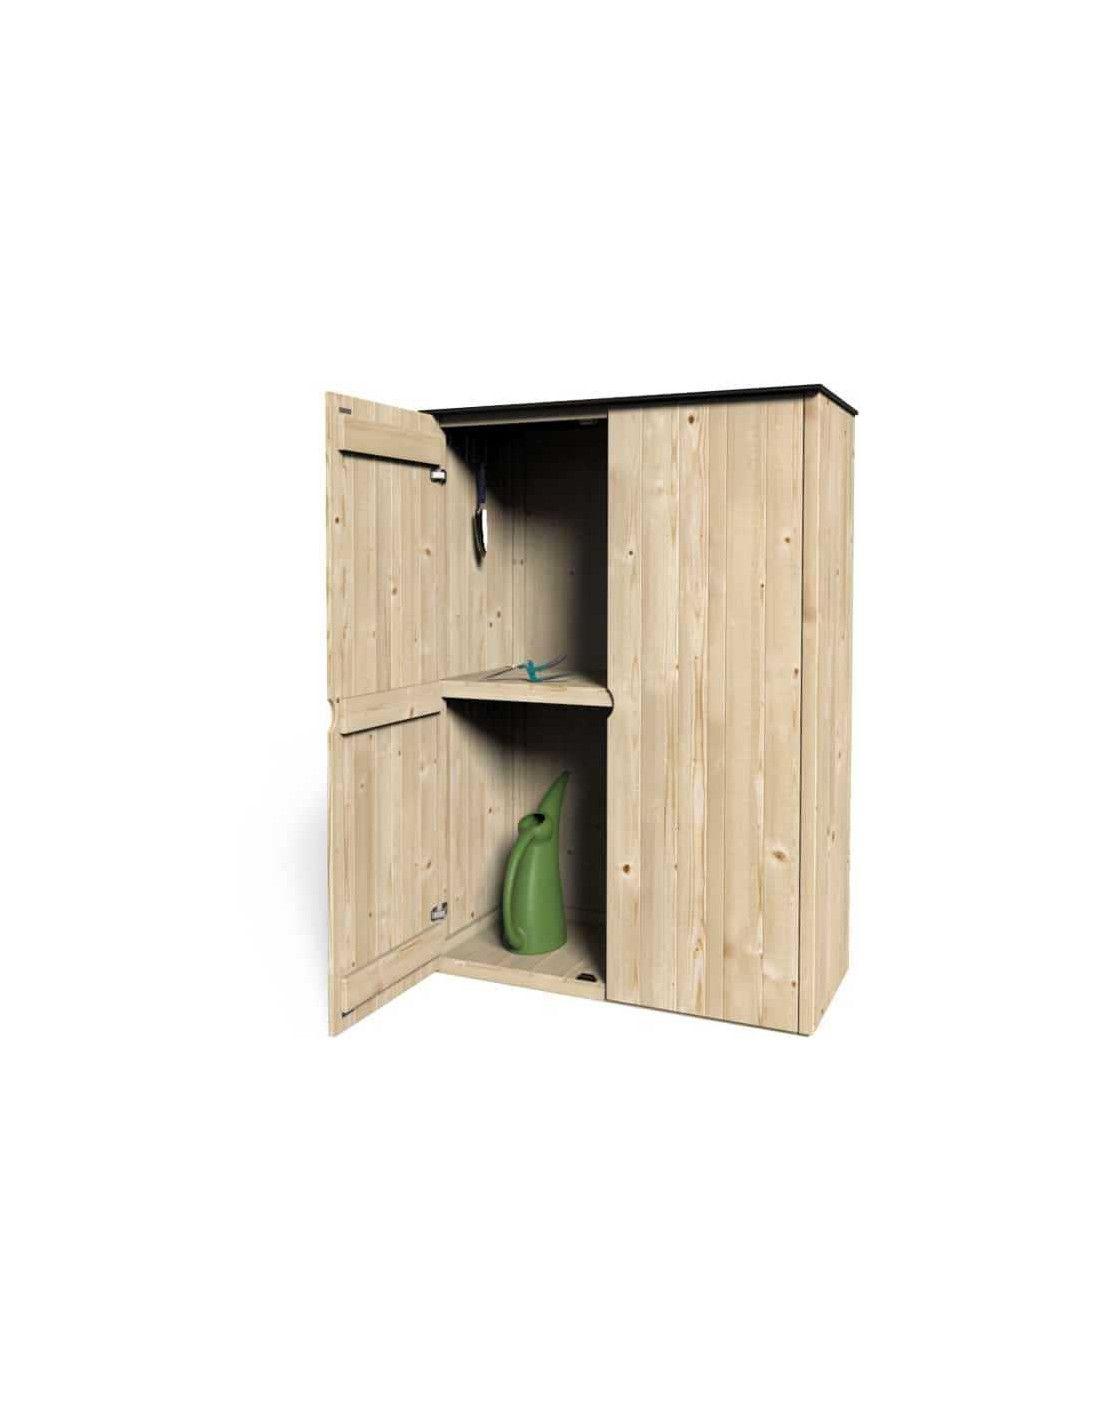 Armarios de madera exterior prefabricados modelo etesio for Armario exterior